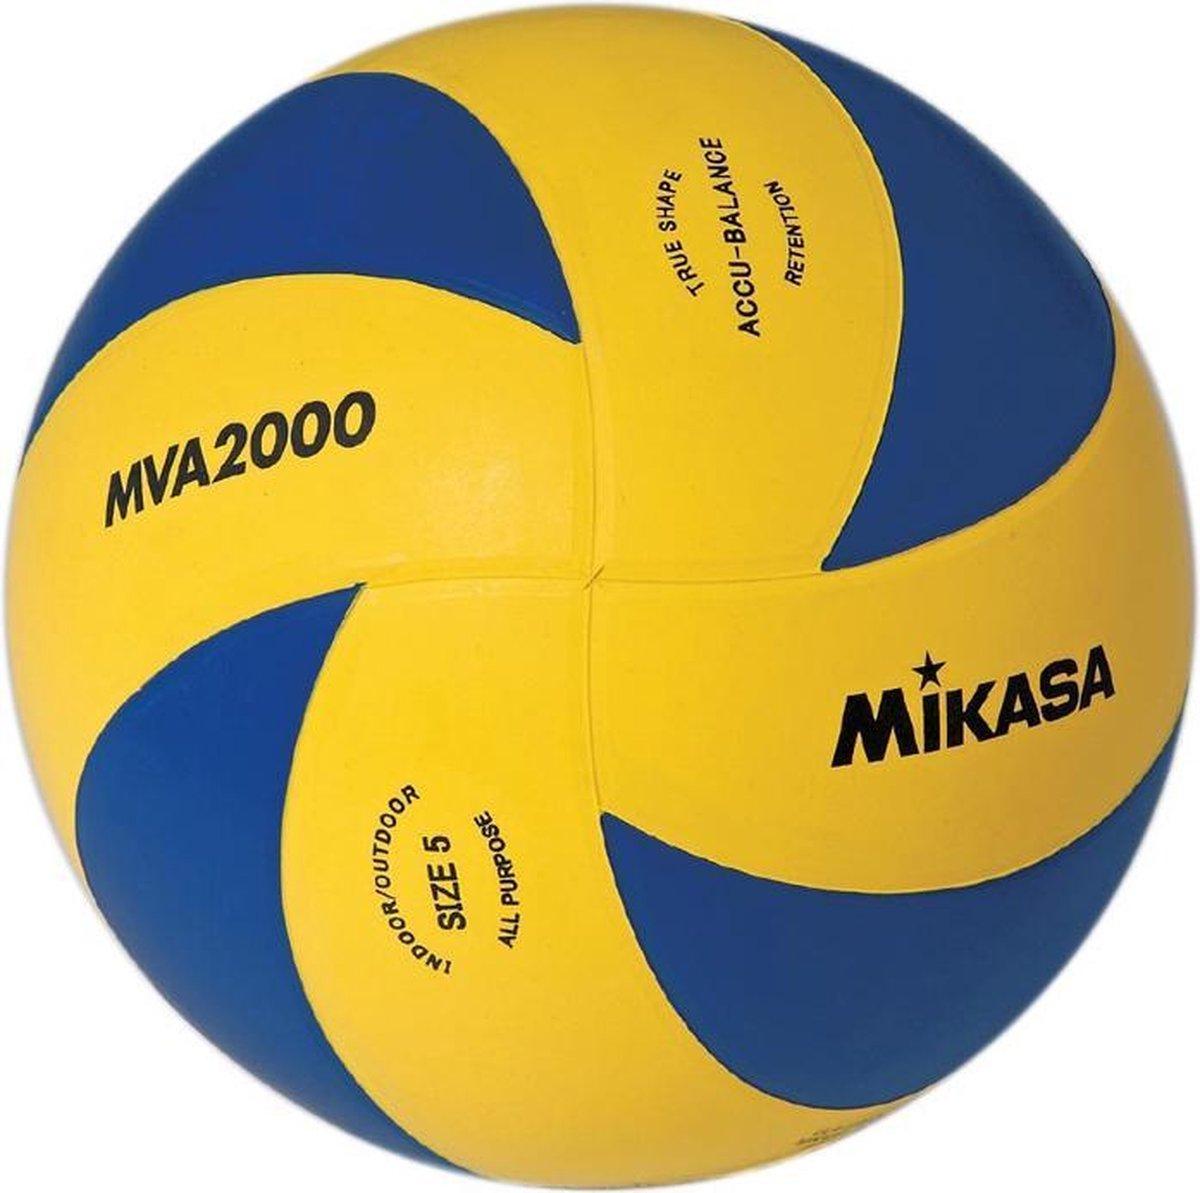 Mikasa Volleybal MVA 2000 - Mikasa